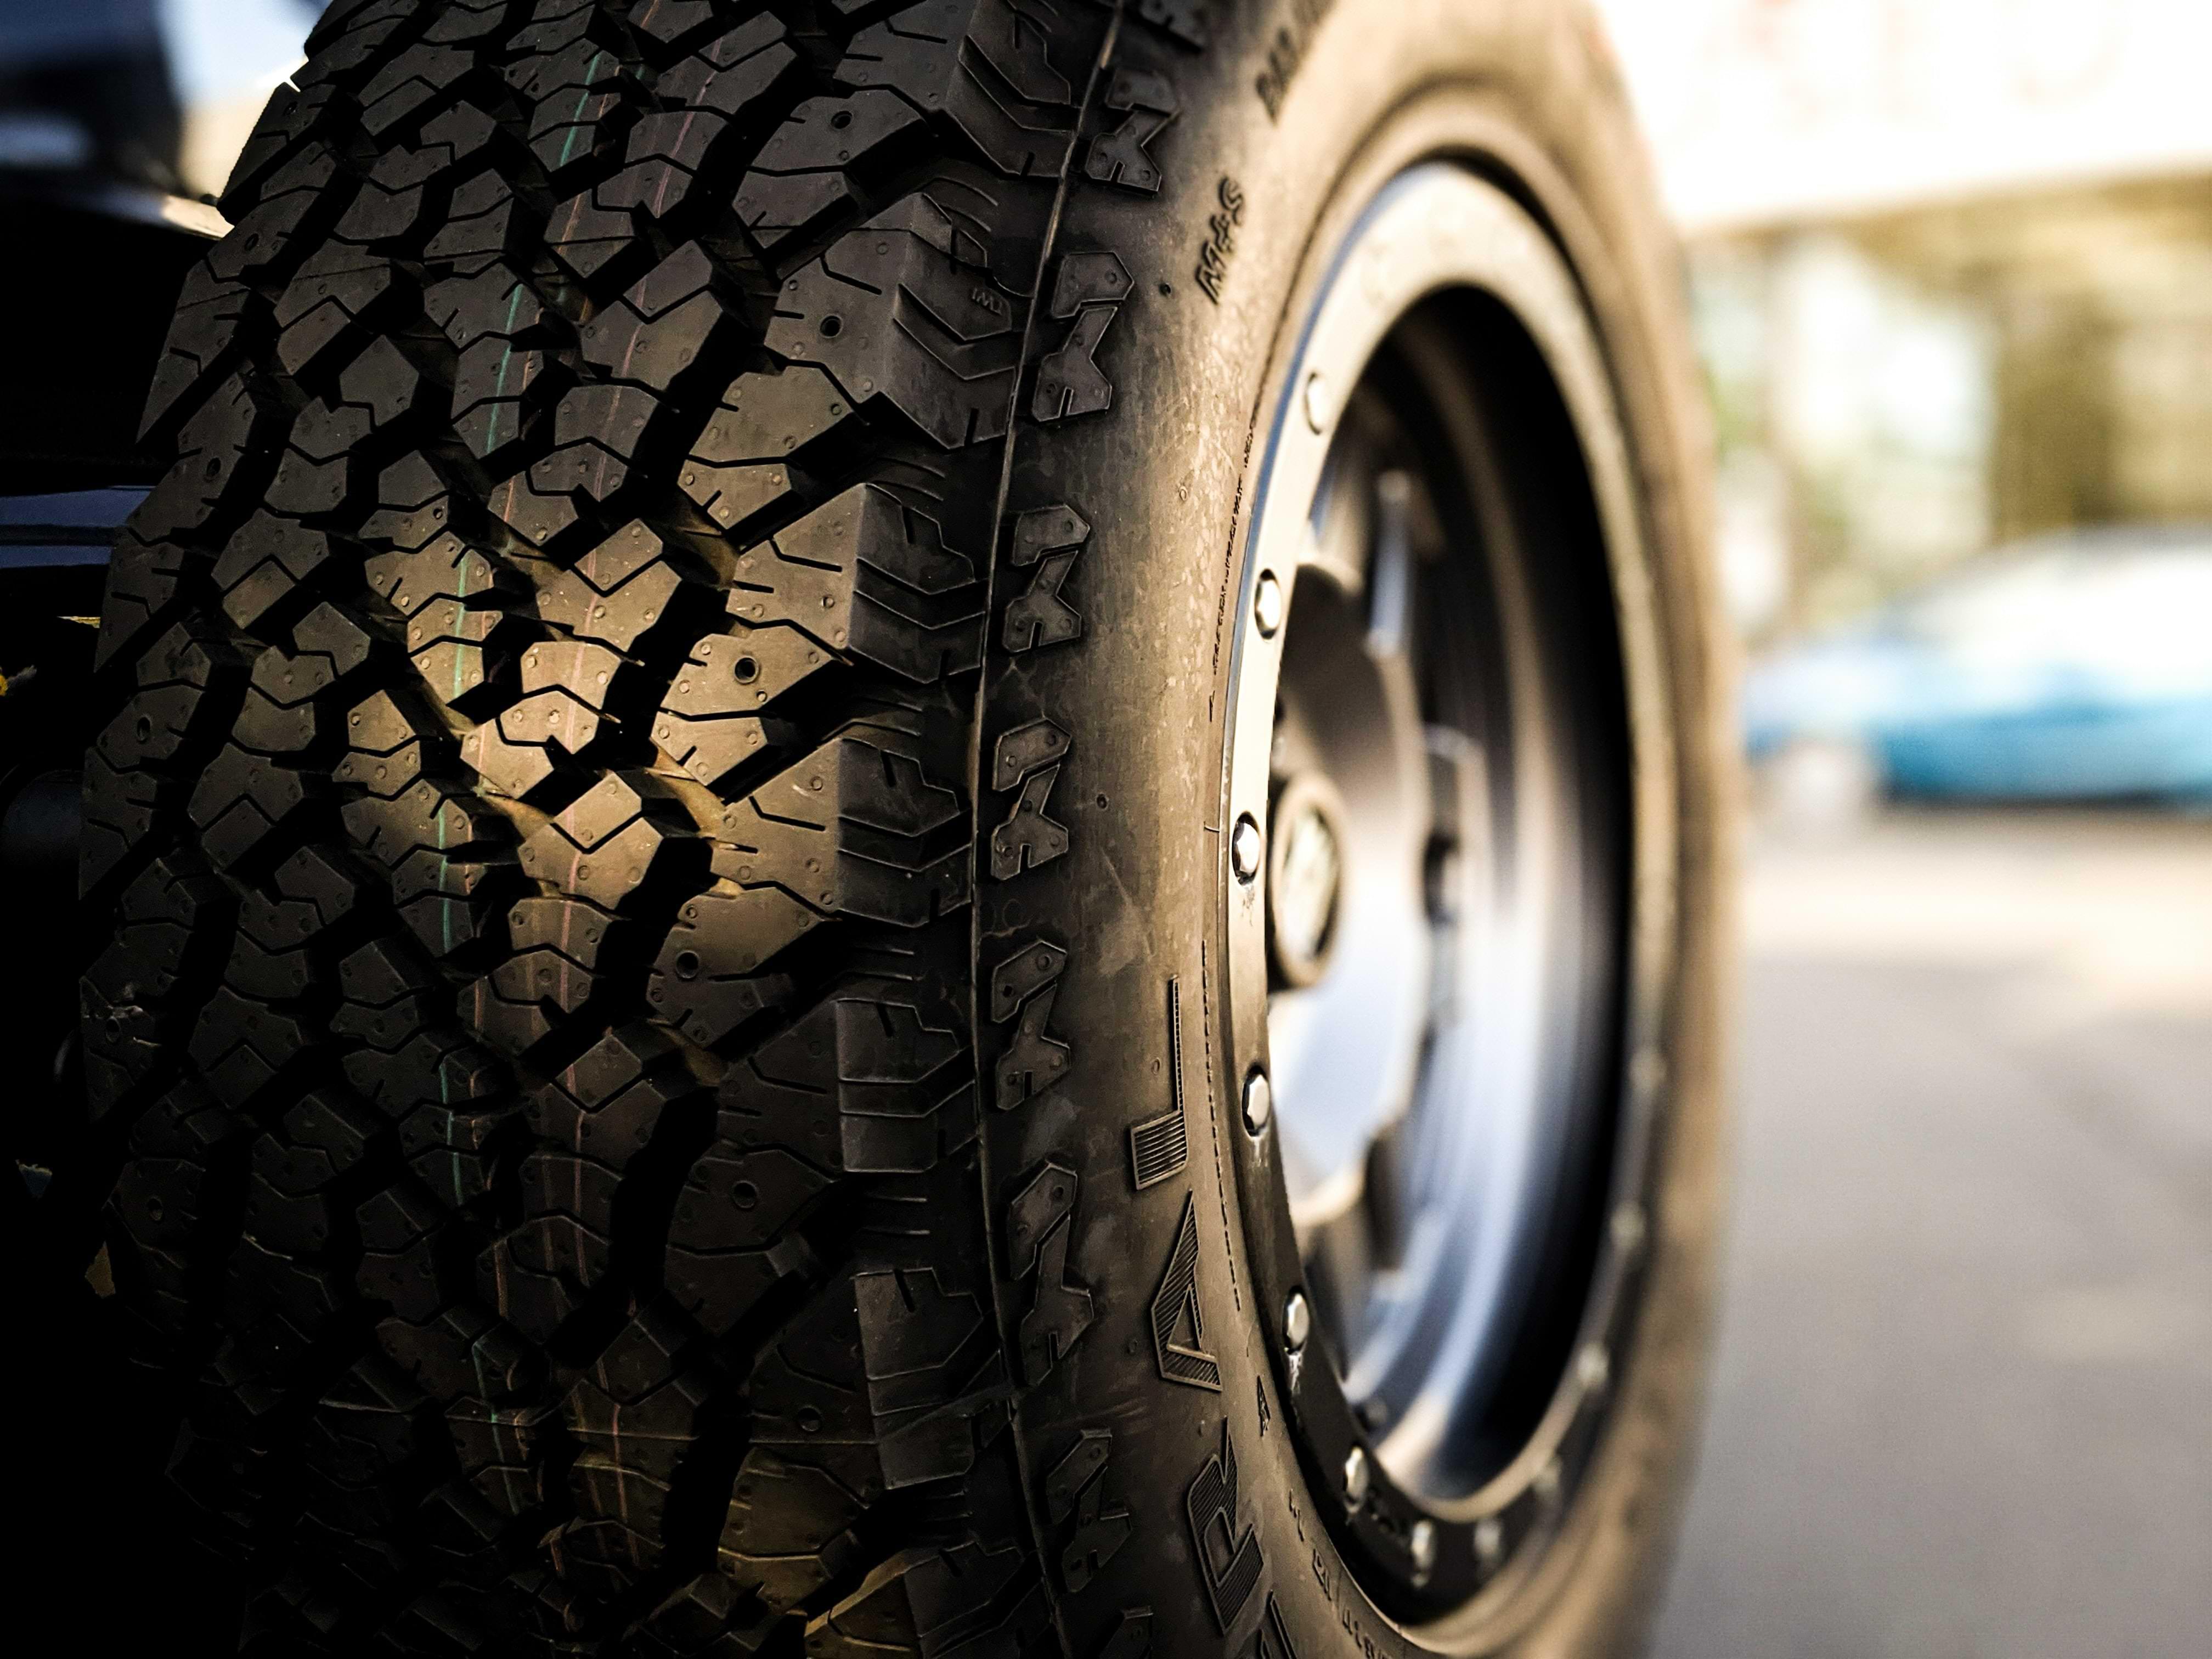 zimní pneumatiky výměna